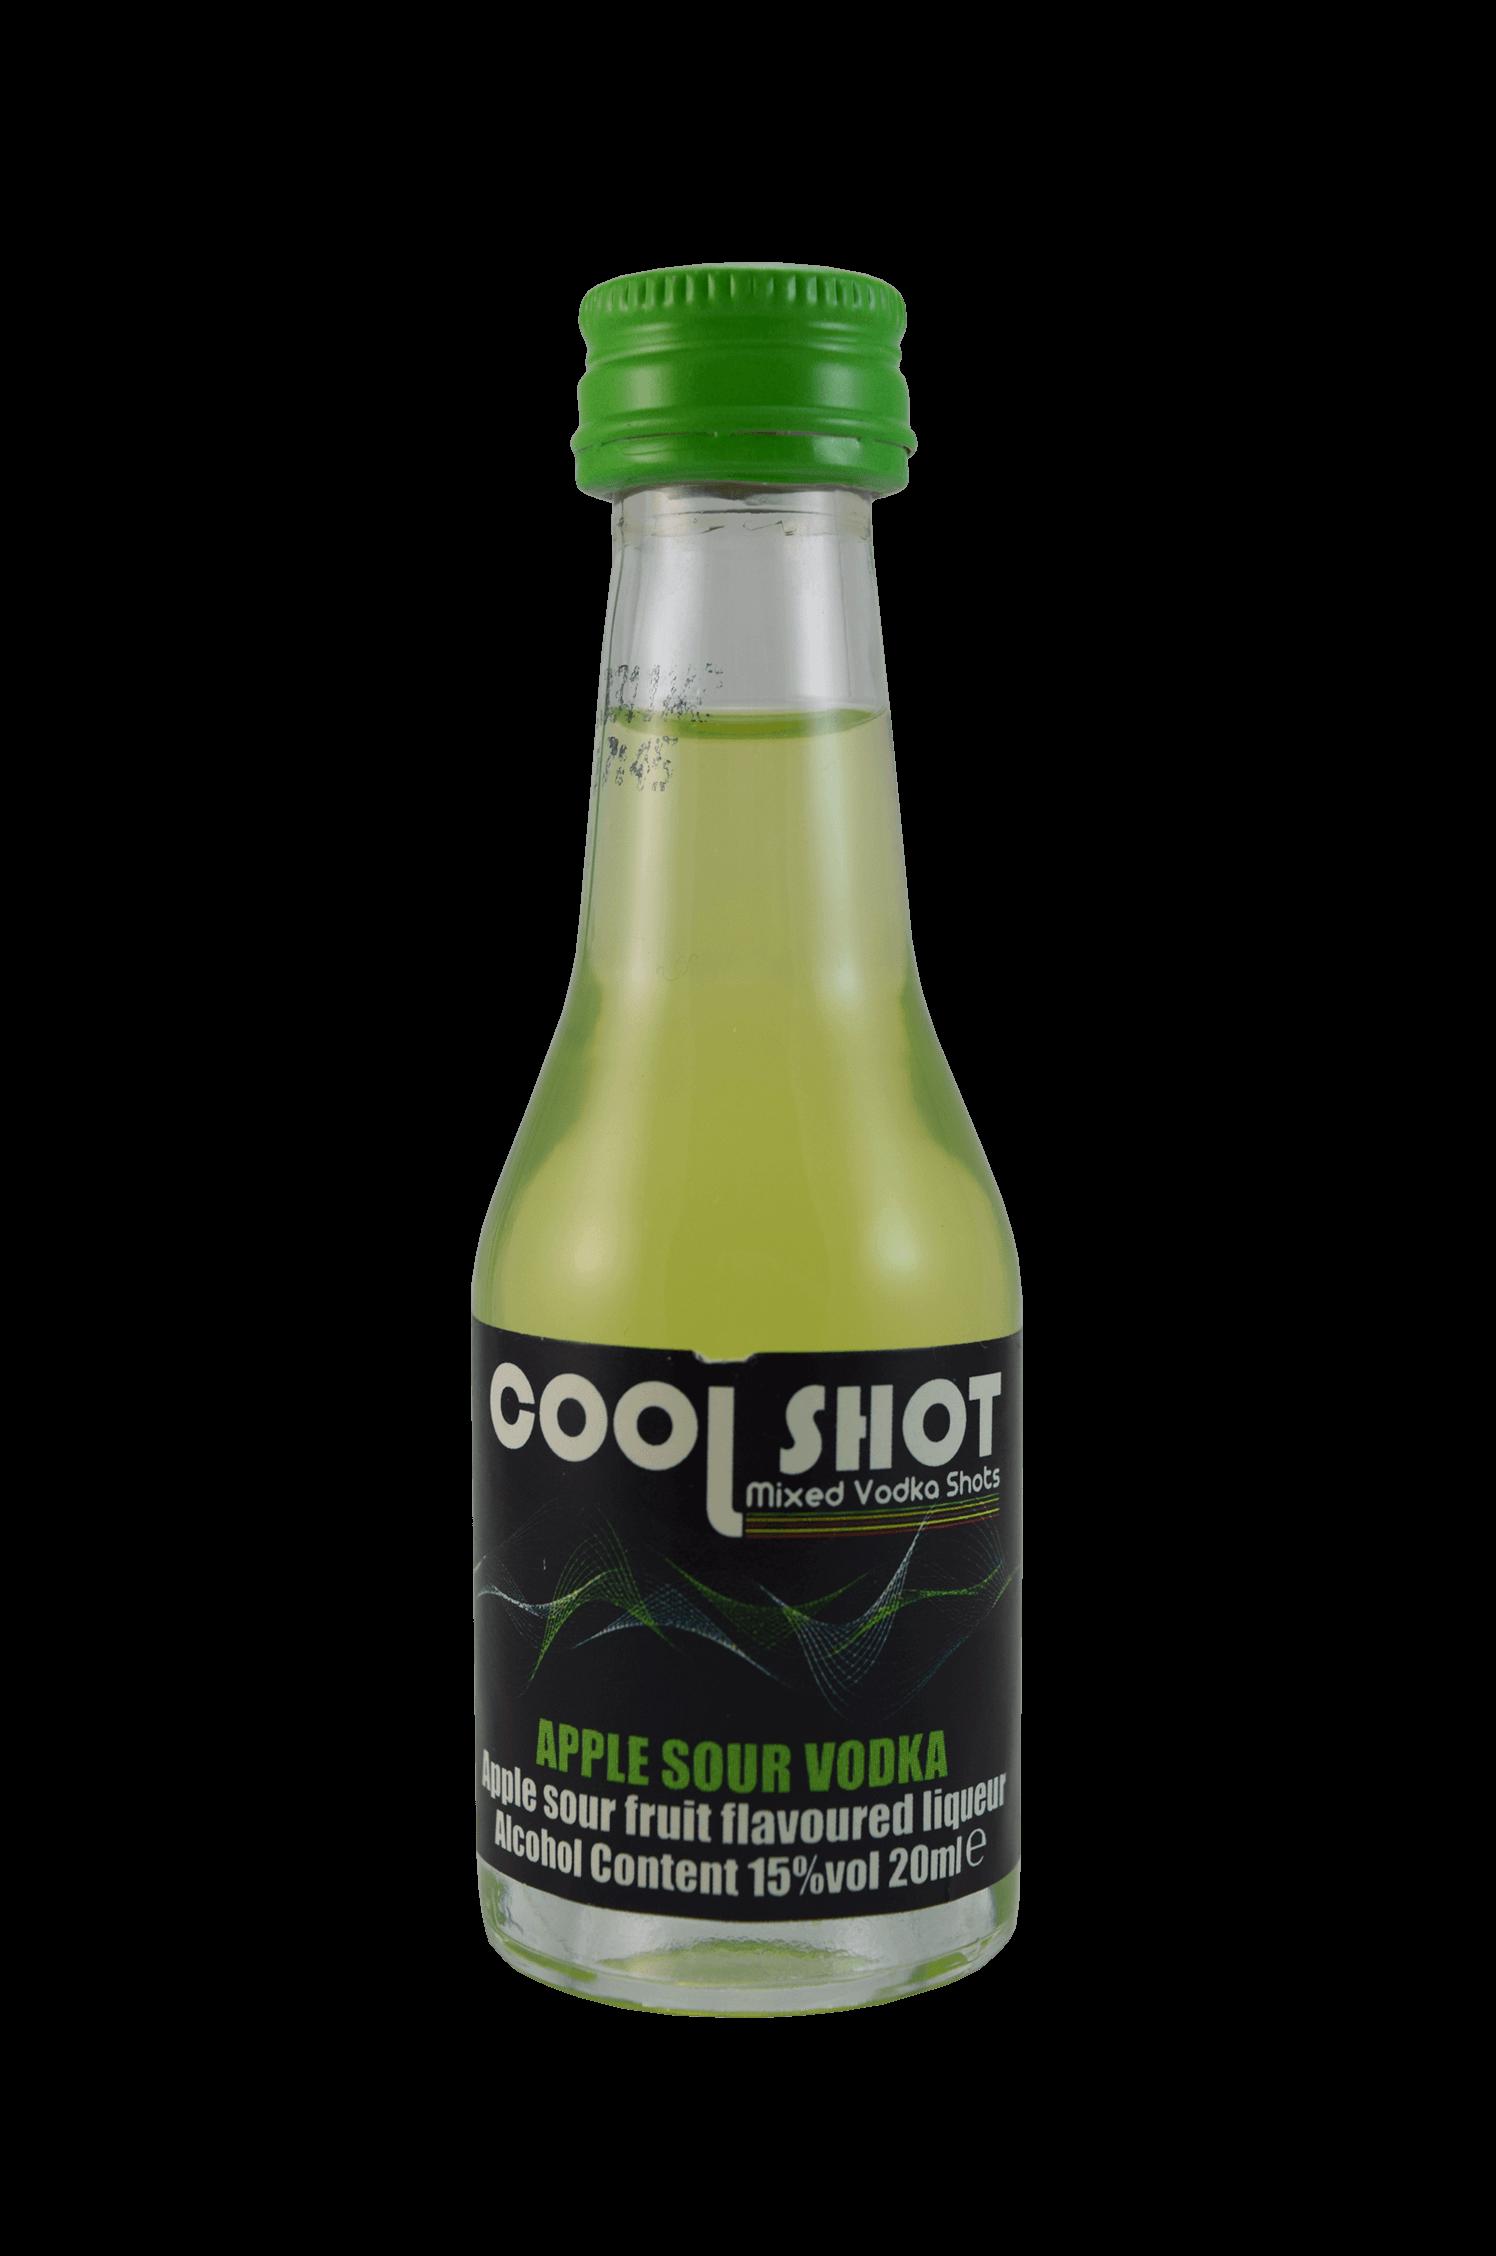 Cool Shot Apple Sour Vodka